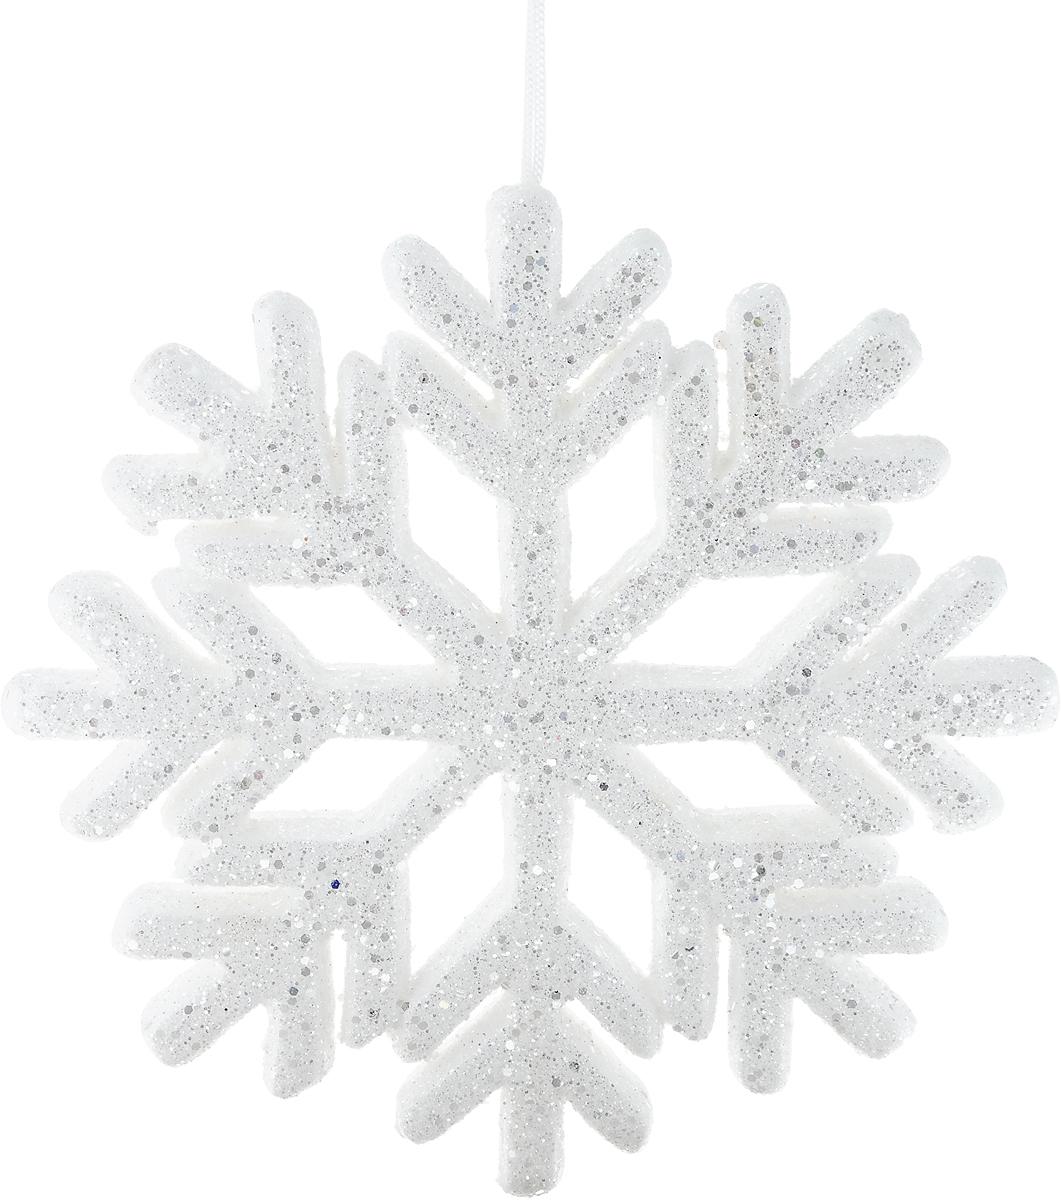 Украшение новогоднее подвесное Win Max Снежинка, диамтер 25 см330907Новогоднее подвесное украшение Win Max Снежинка прекрасно подойдет для праздничного декора новогодней ели. Изделие выполнено из пенопласта и украшено блестками. Для удобного размещения на елке для украшения предусмотрена петелька. Елочная игрушка - символ Нового года. Она несет в себе волшебство и красоту праздника. Создайте в своем доме атмосферу веселья и радости, украшая новогоднюю елку нарядными игрушками, которые будут из года в год накапливать теплоту воспоминаний.